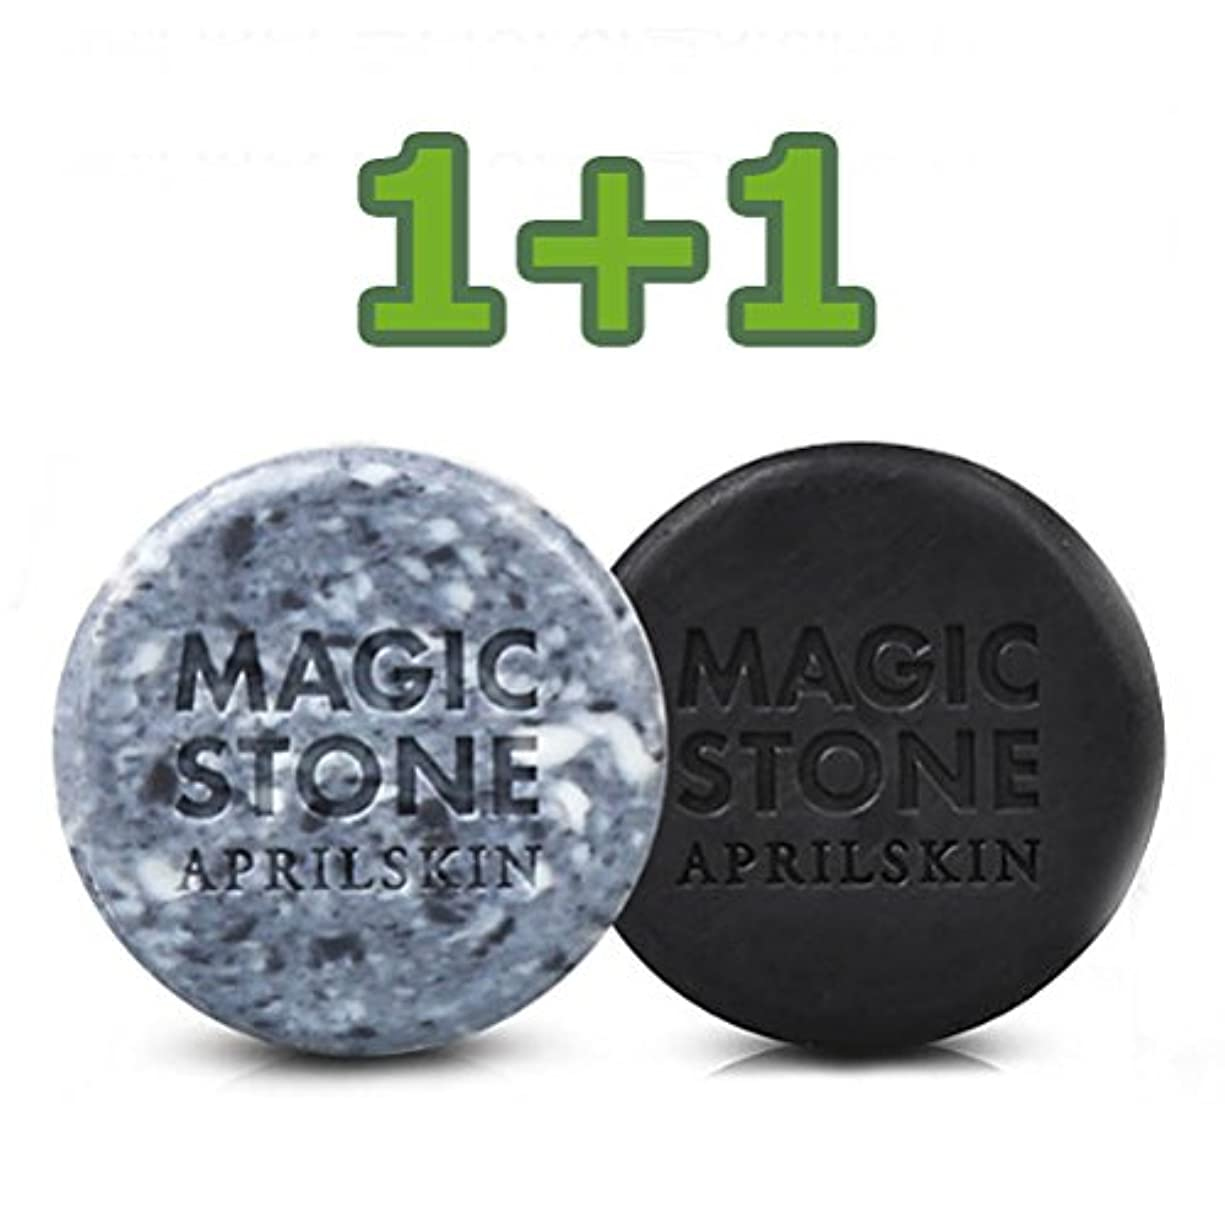 広範囲プロポーショナルスキッパーエイプリルスキン マジックストーンソープ オリジナル&ブラック (Aprilskin Magic Stone Soap Original & Black) 90g * 2個 / 正品?海外直送商品